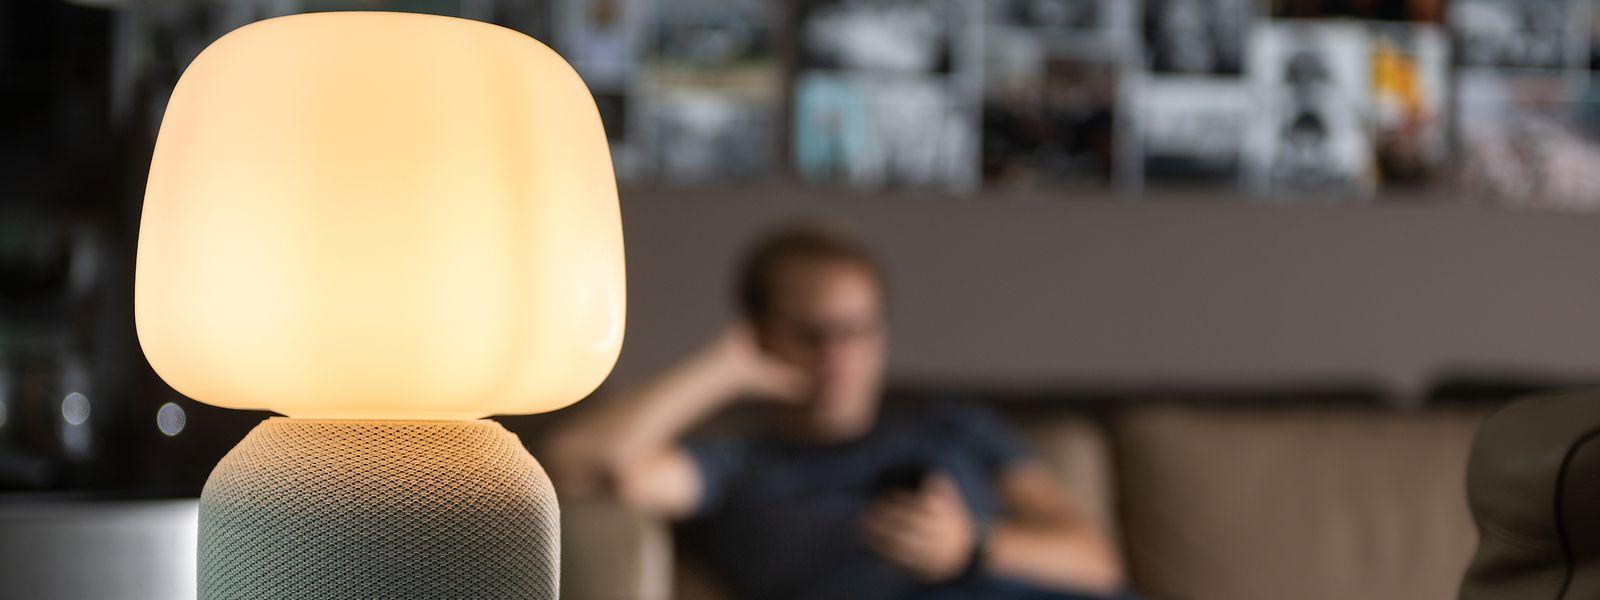 Licht und Ton aus einem Gerät. Ikeas Symfonisk-Lautsprecher in Lampenform erinnert entfernt an Apples HomePod - mit Lampe obendrauf.